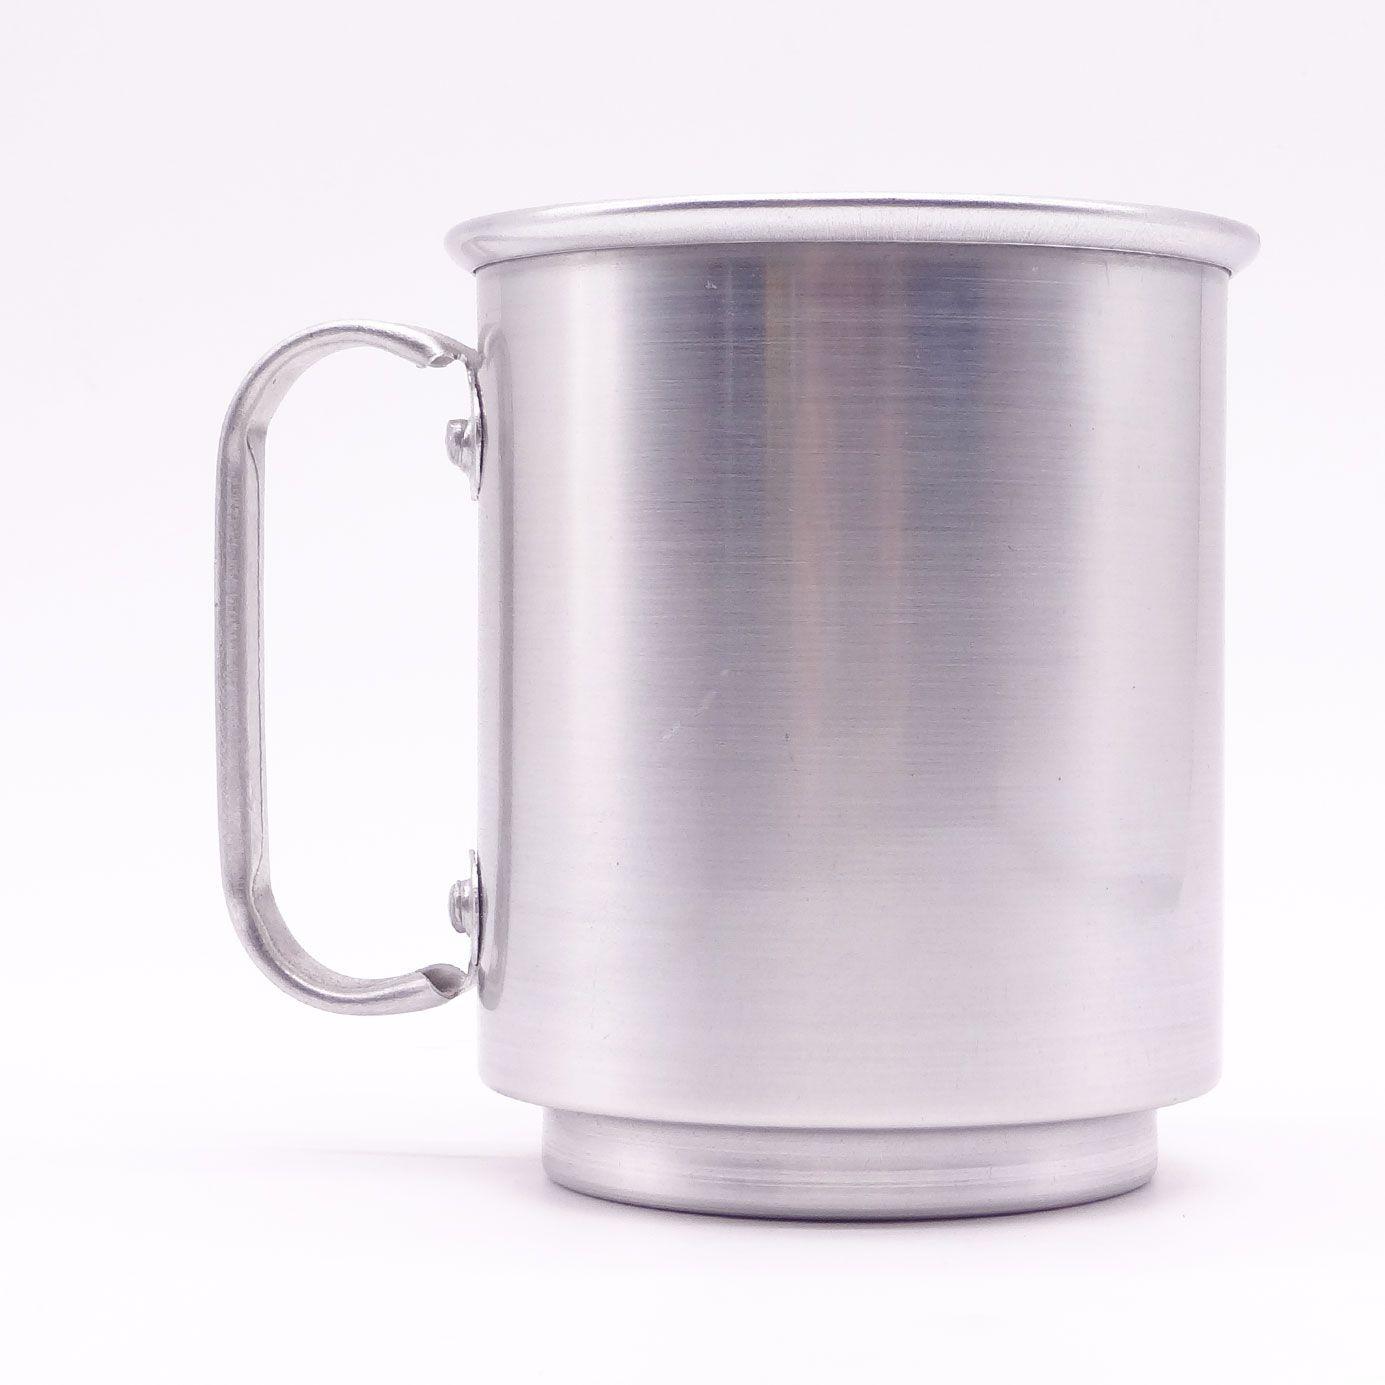 Caneca Chopp alumínio brilhante  - Caixa com 12 unidades